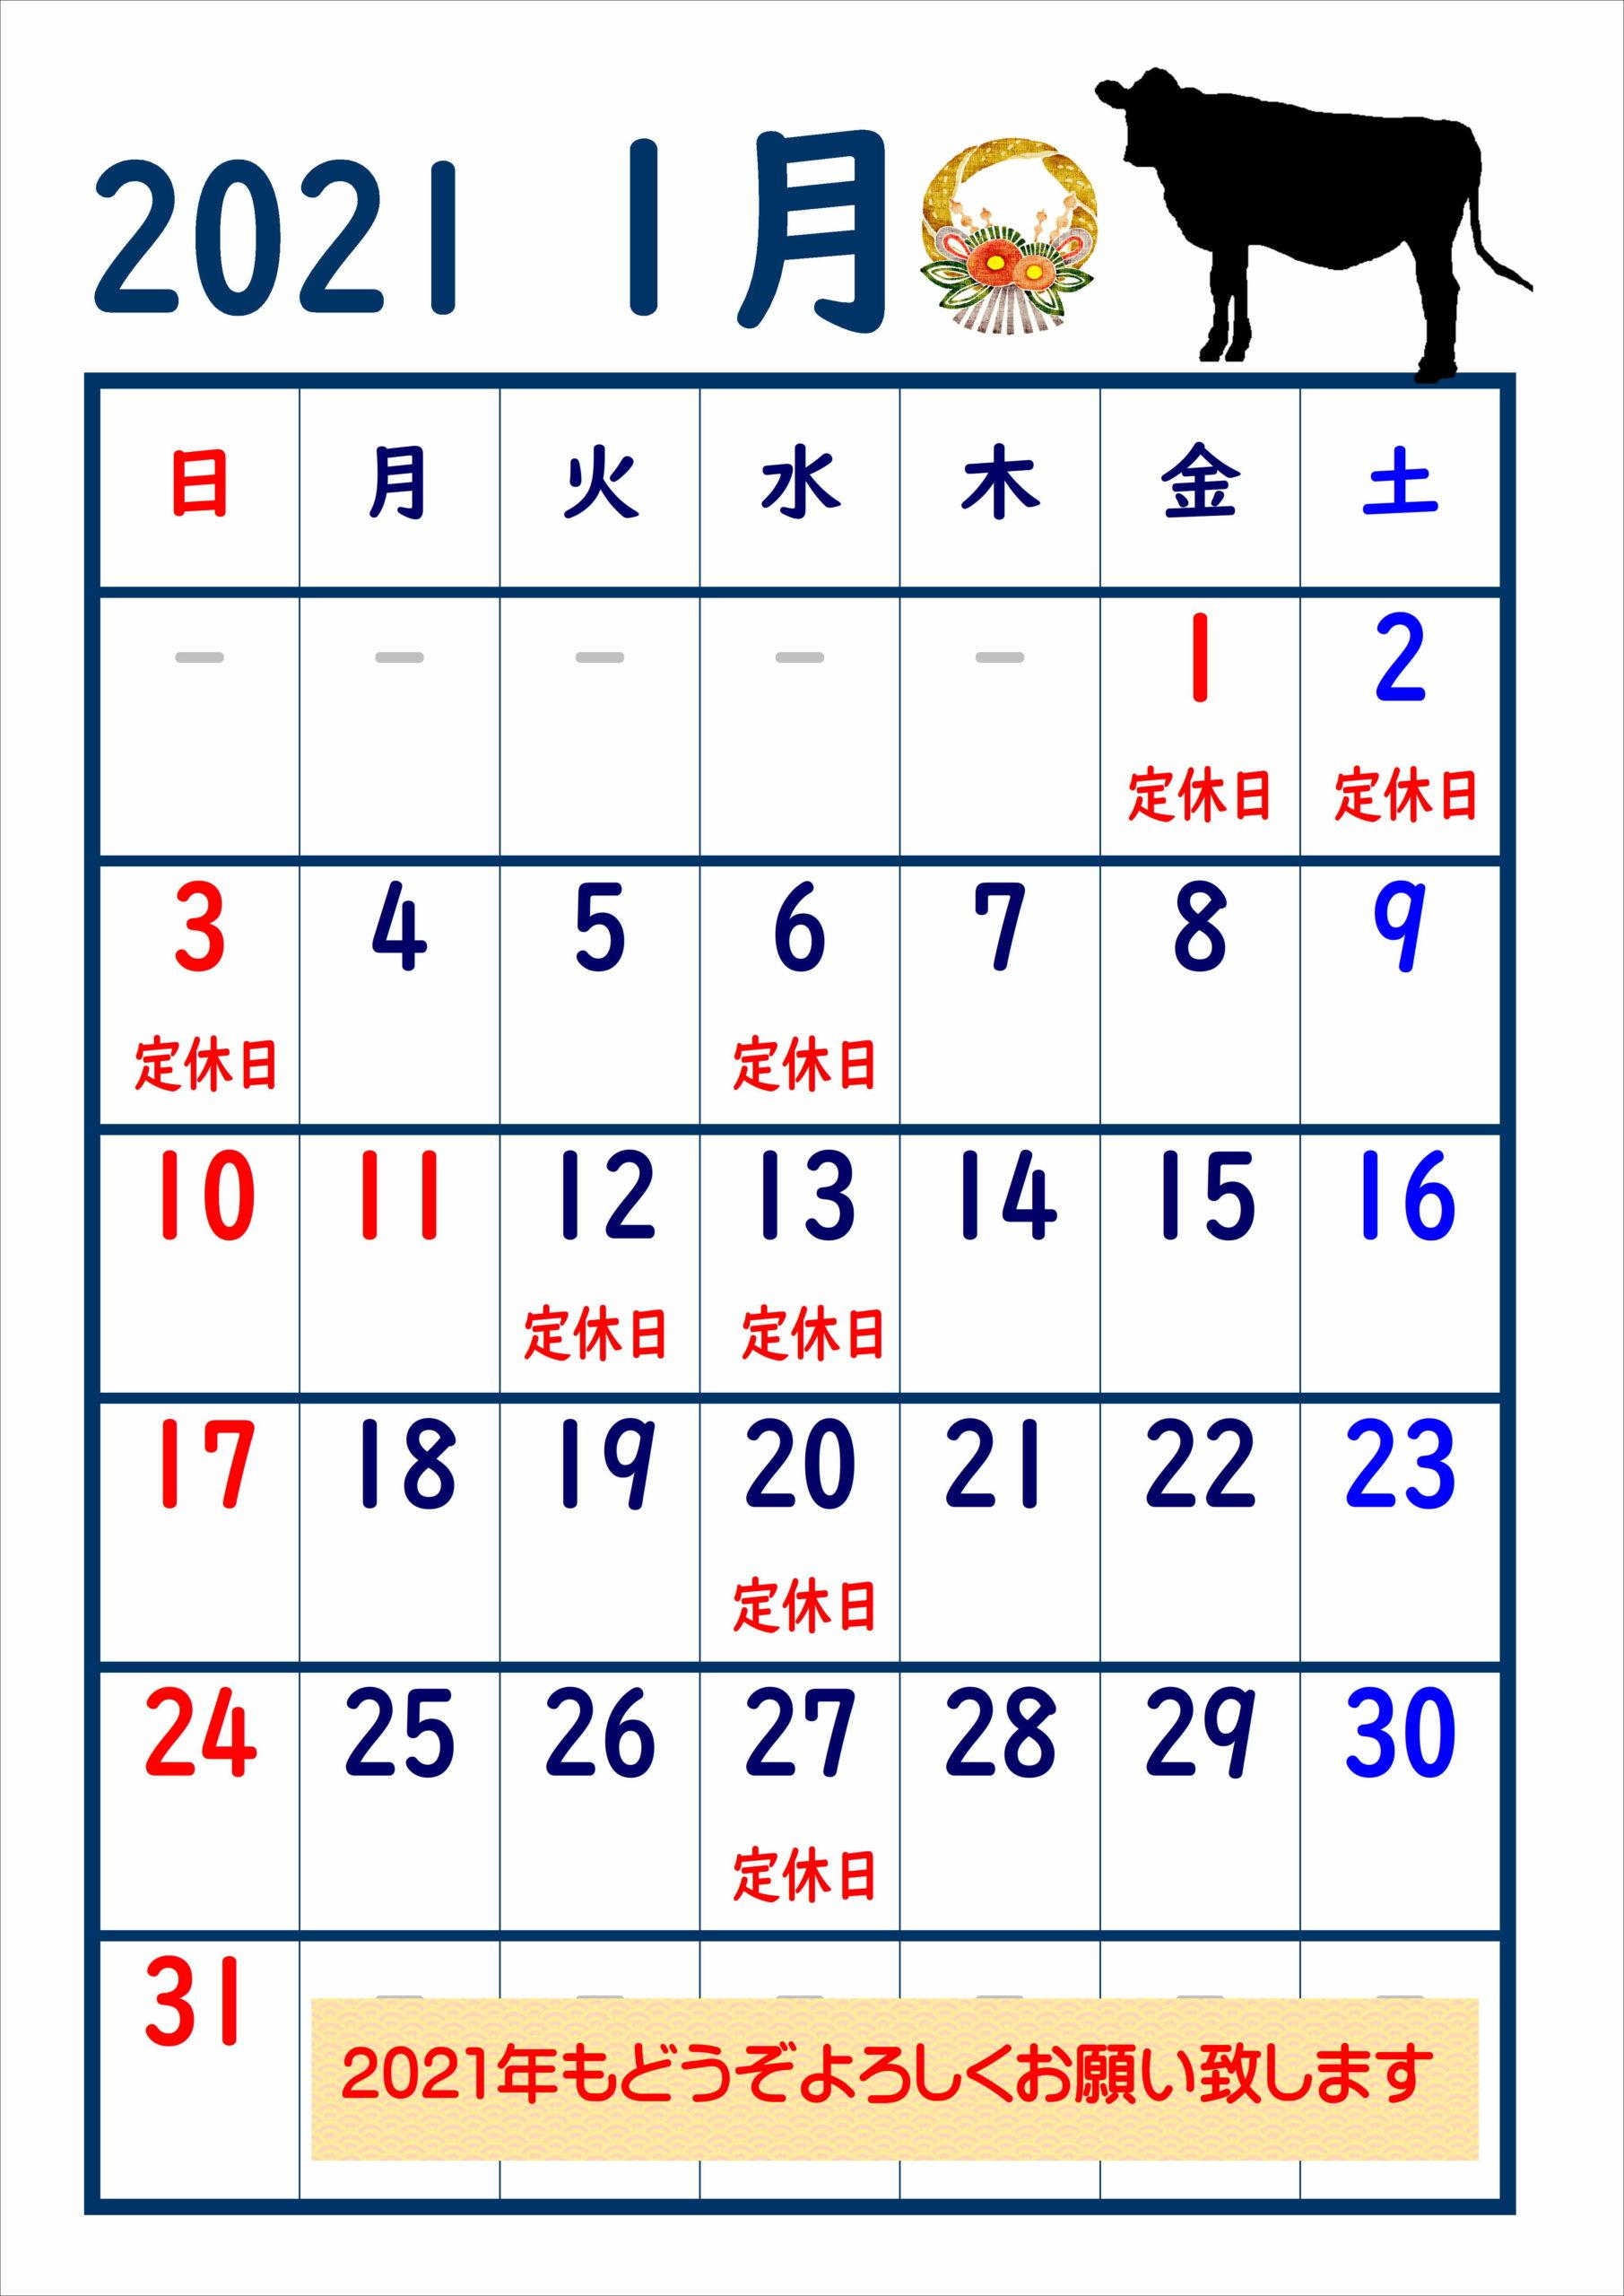 2021年1月 定休日です